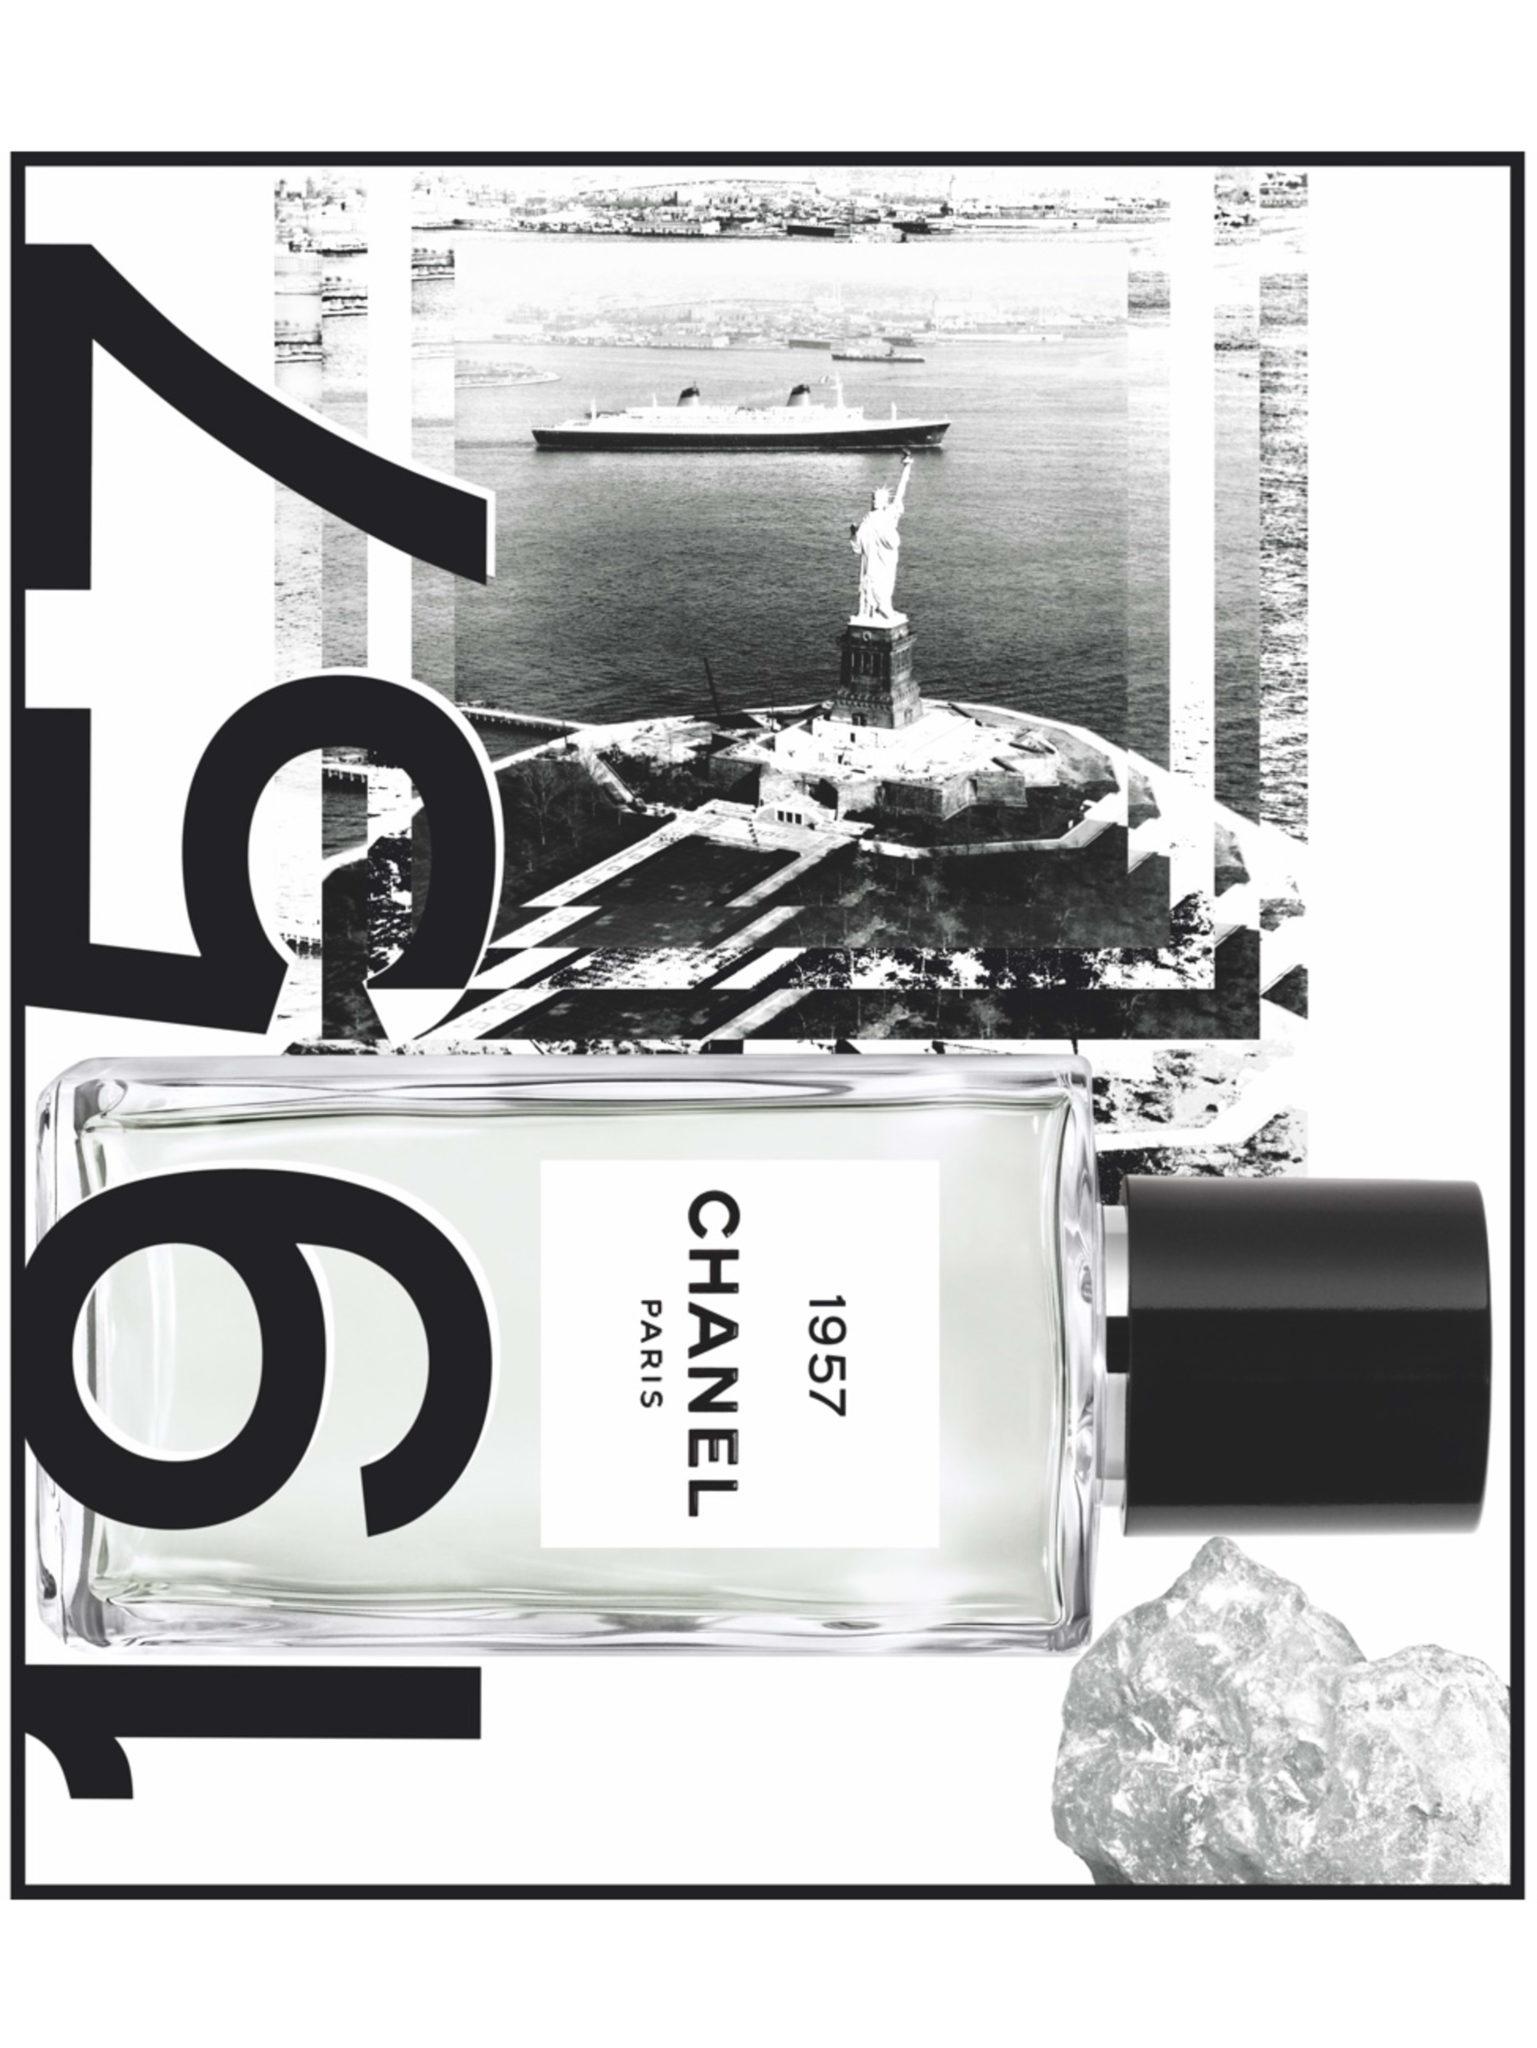 CHANEL Les exclusifs 1957 Esprit de Gabrielle espritdegabrielle.com